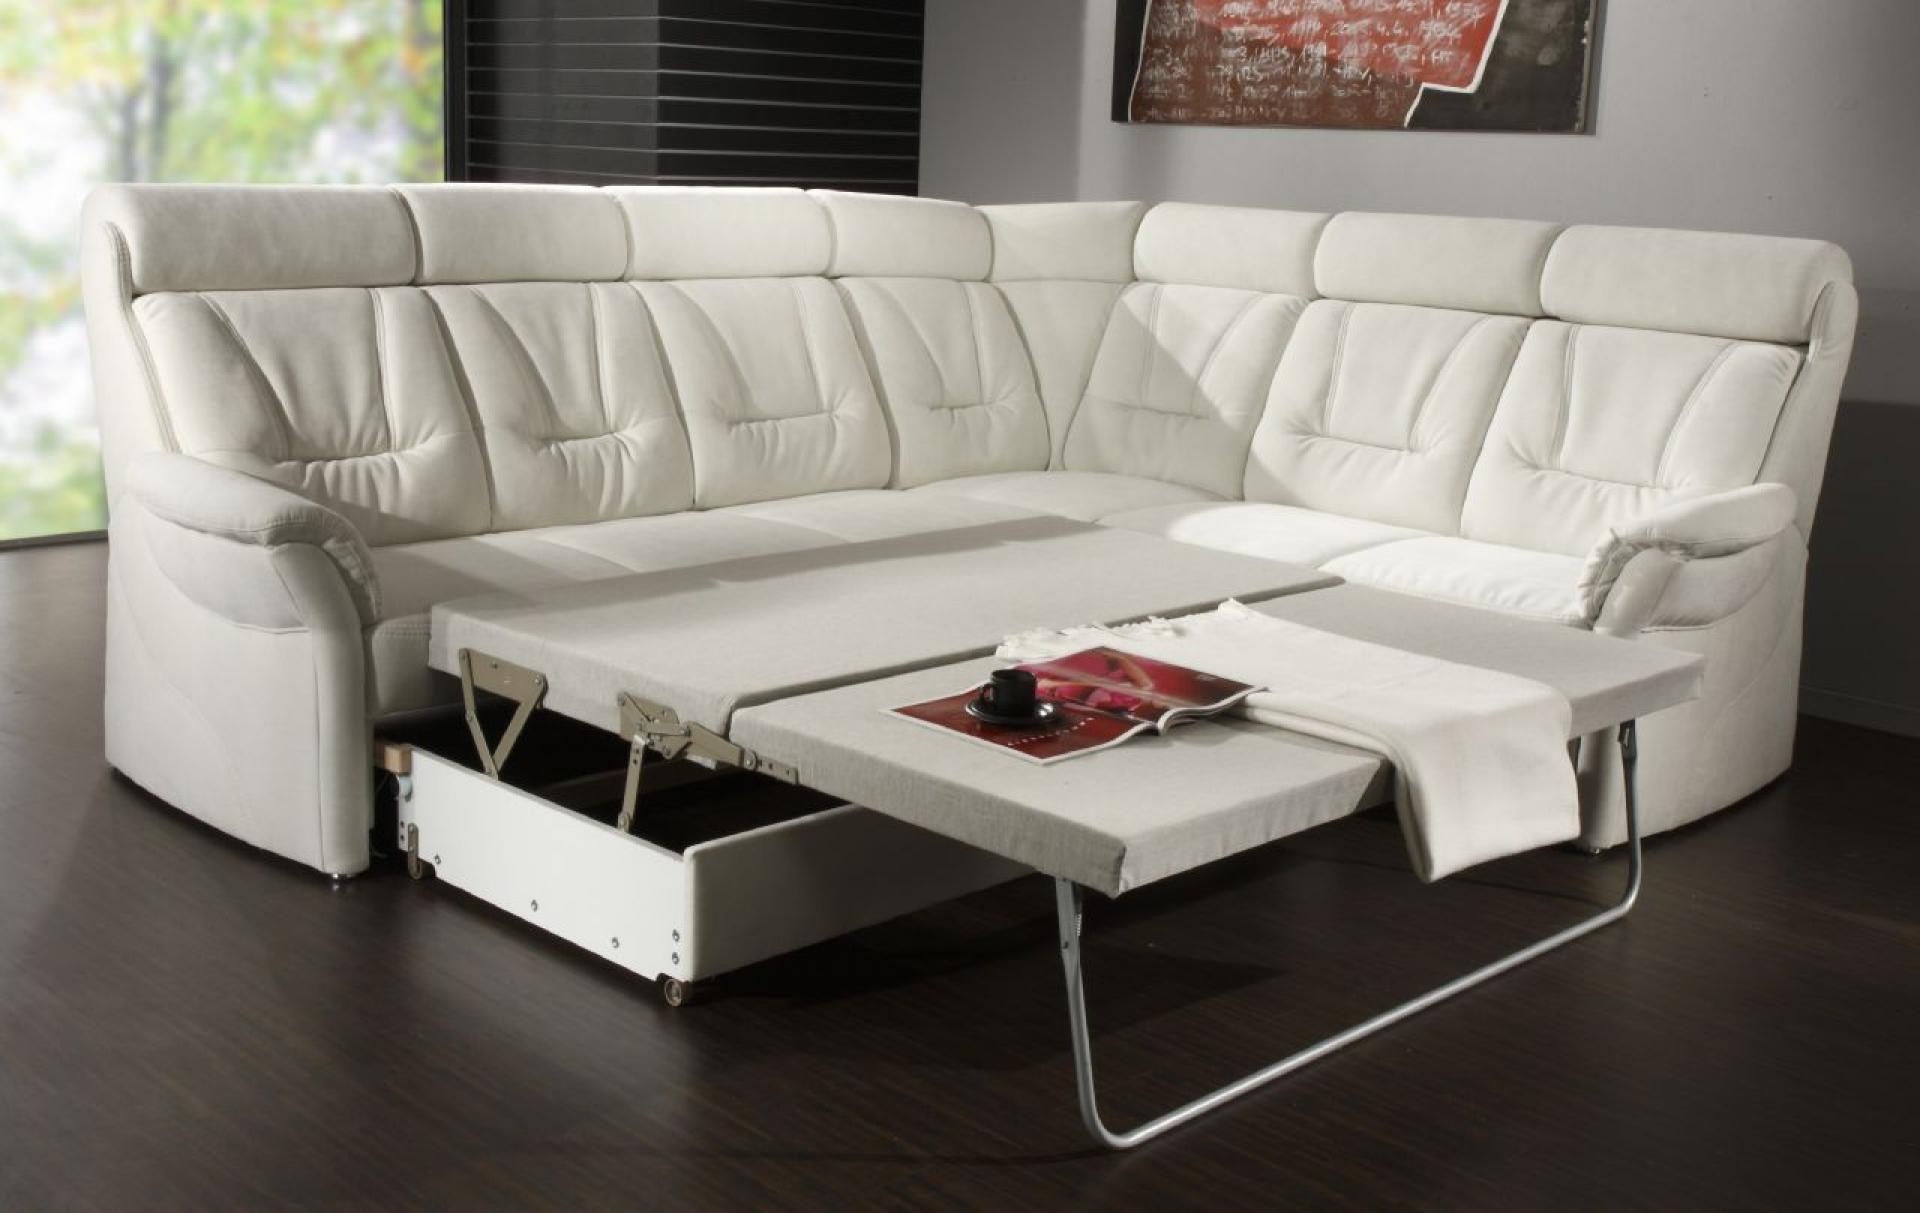 canap lit confortable ikea id e inspirante pour la conception de la maison. Black Bedroom Furniture Sets. Home Design Ideas